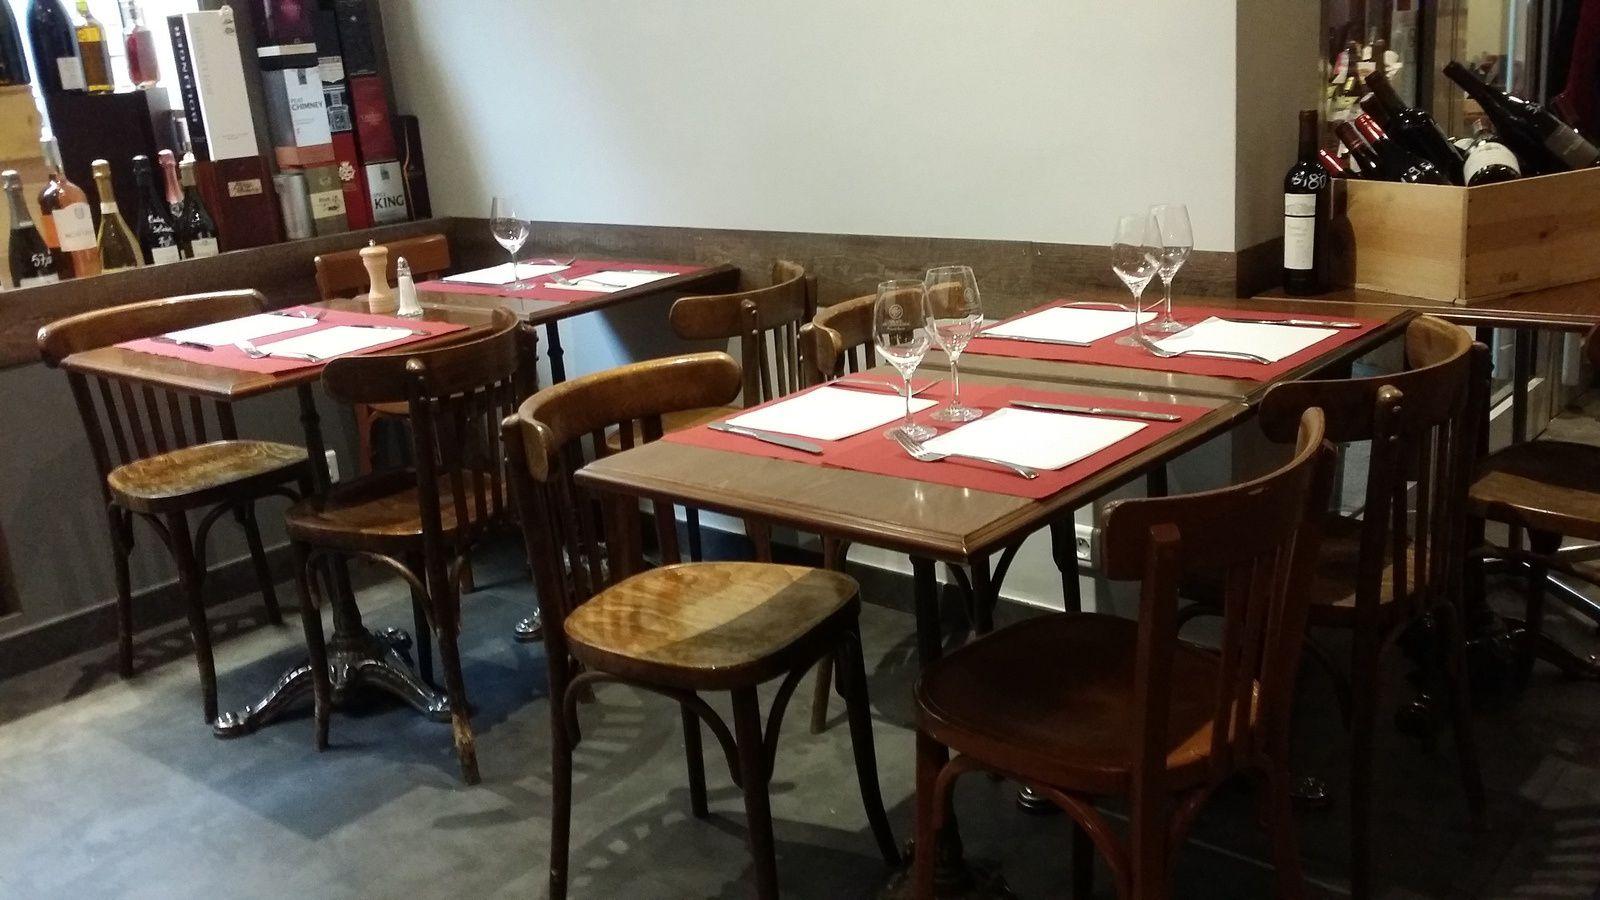 Des tables, des chaises, de beaux verres, tout y est, sobrement, mais diablement efficace.